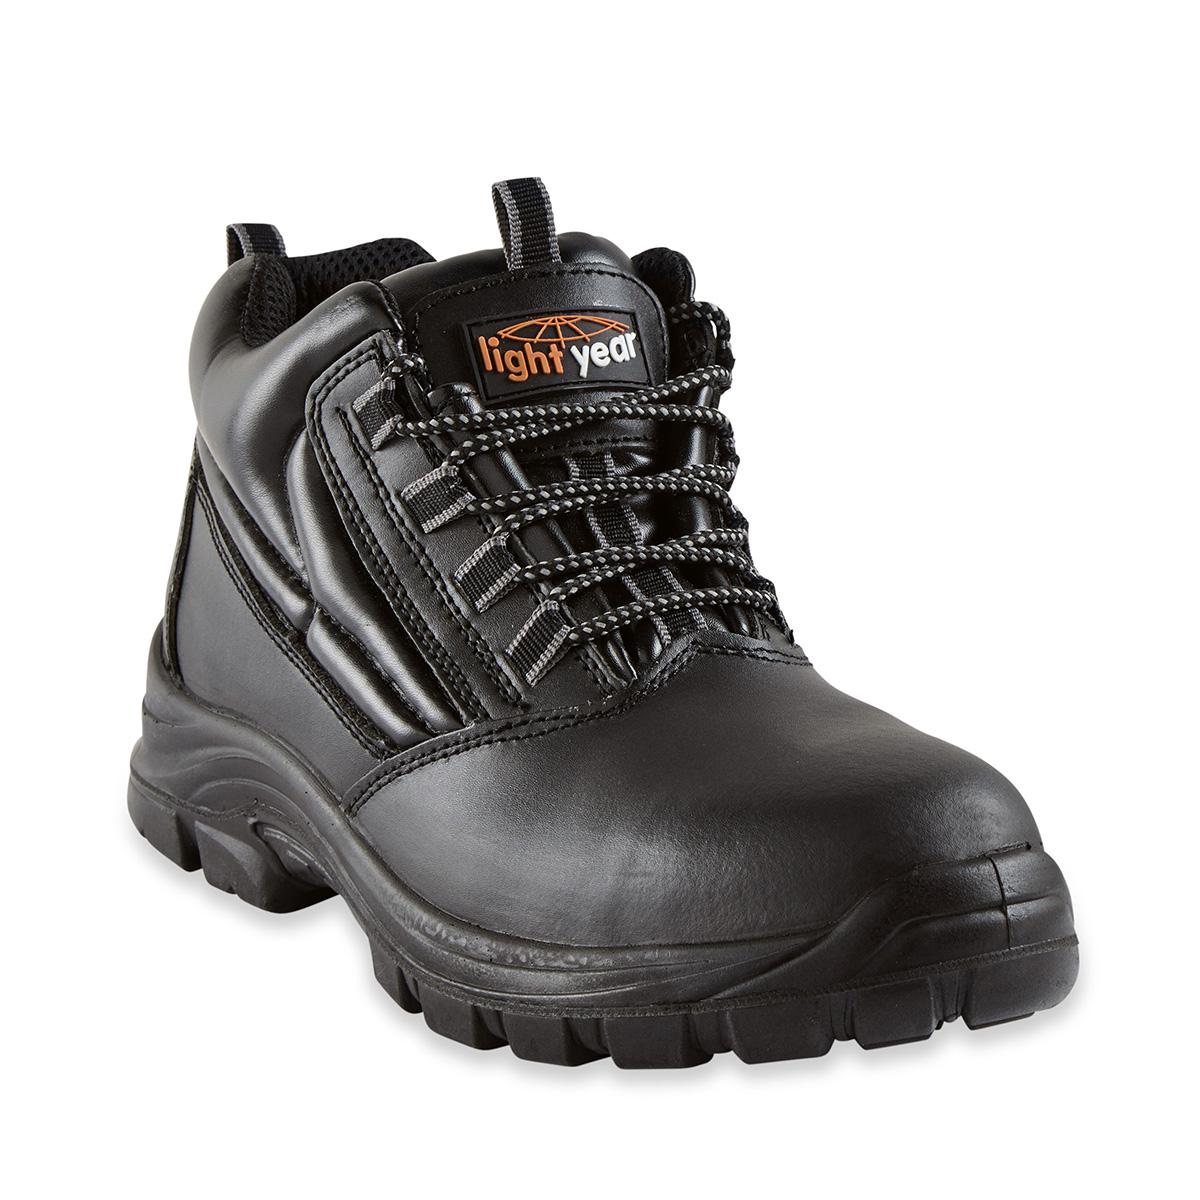 100% authentic e508e a7d46 Trekker Lightyear Safety Boot